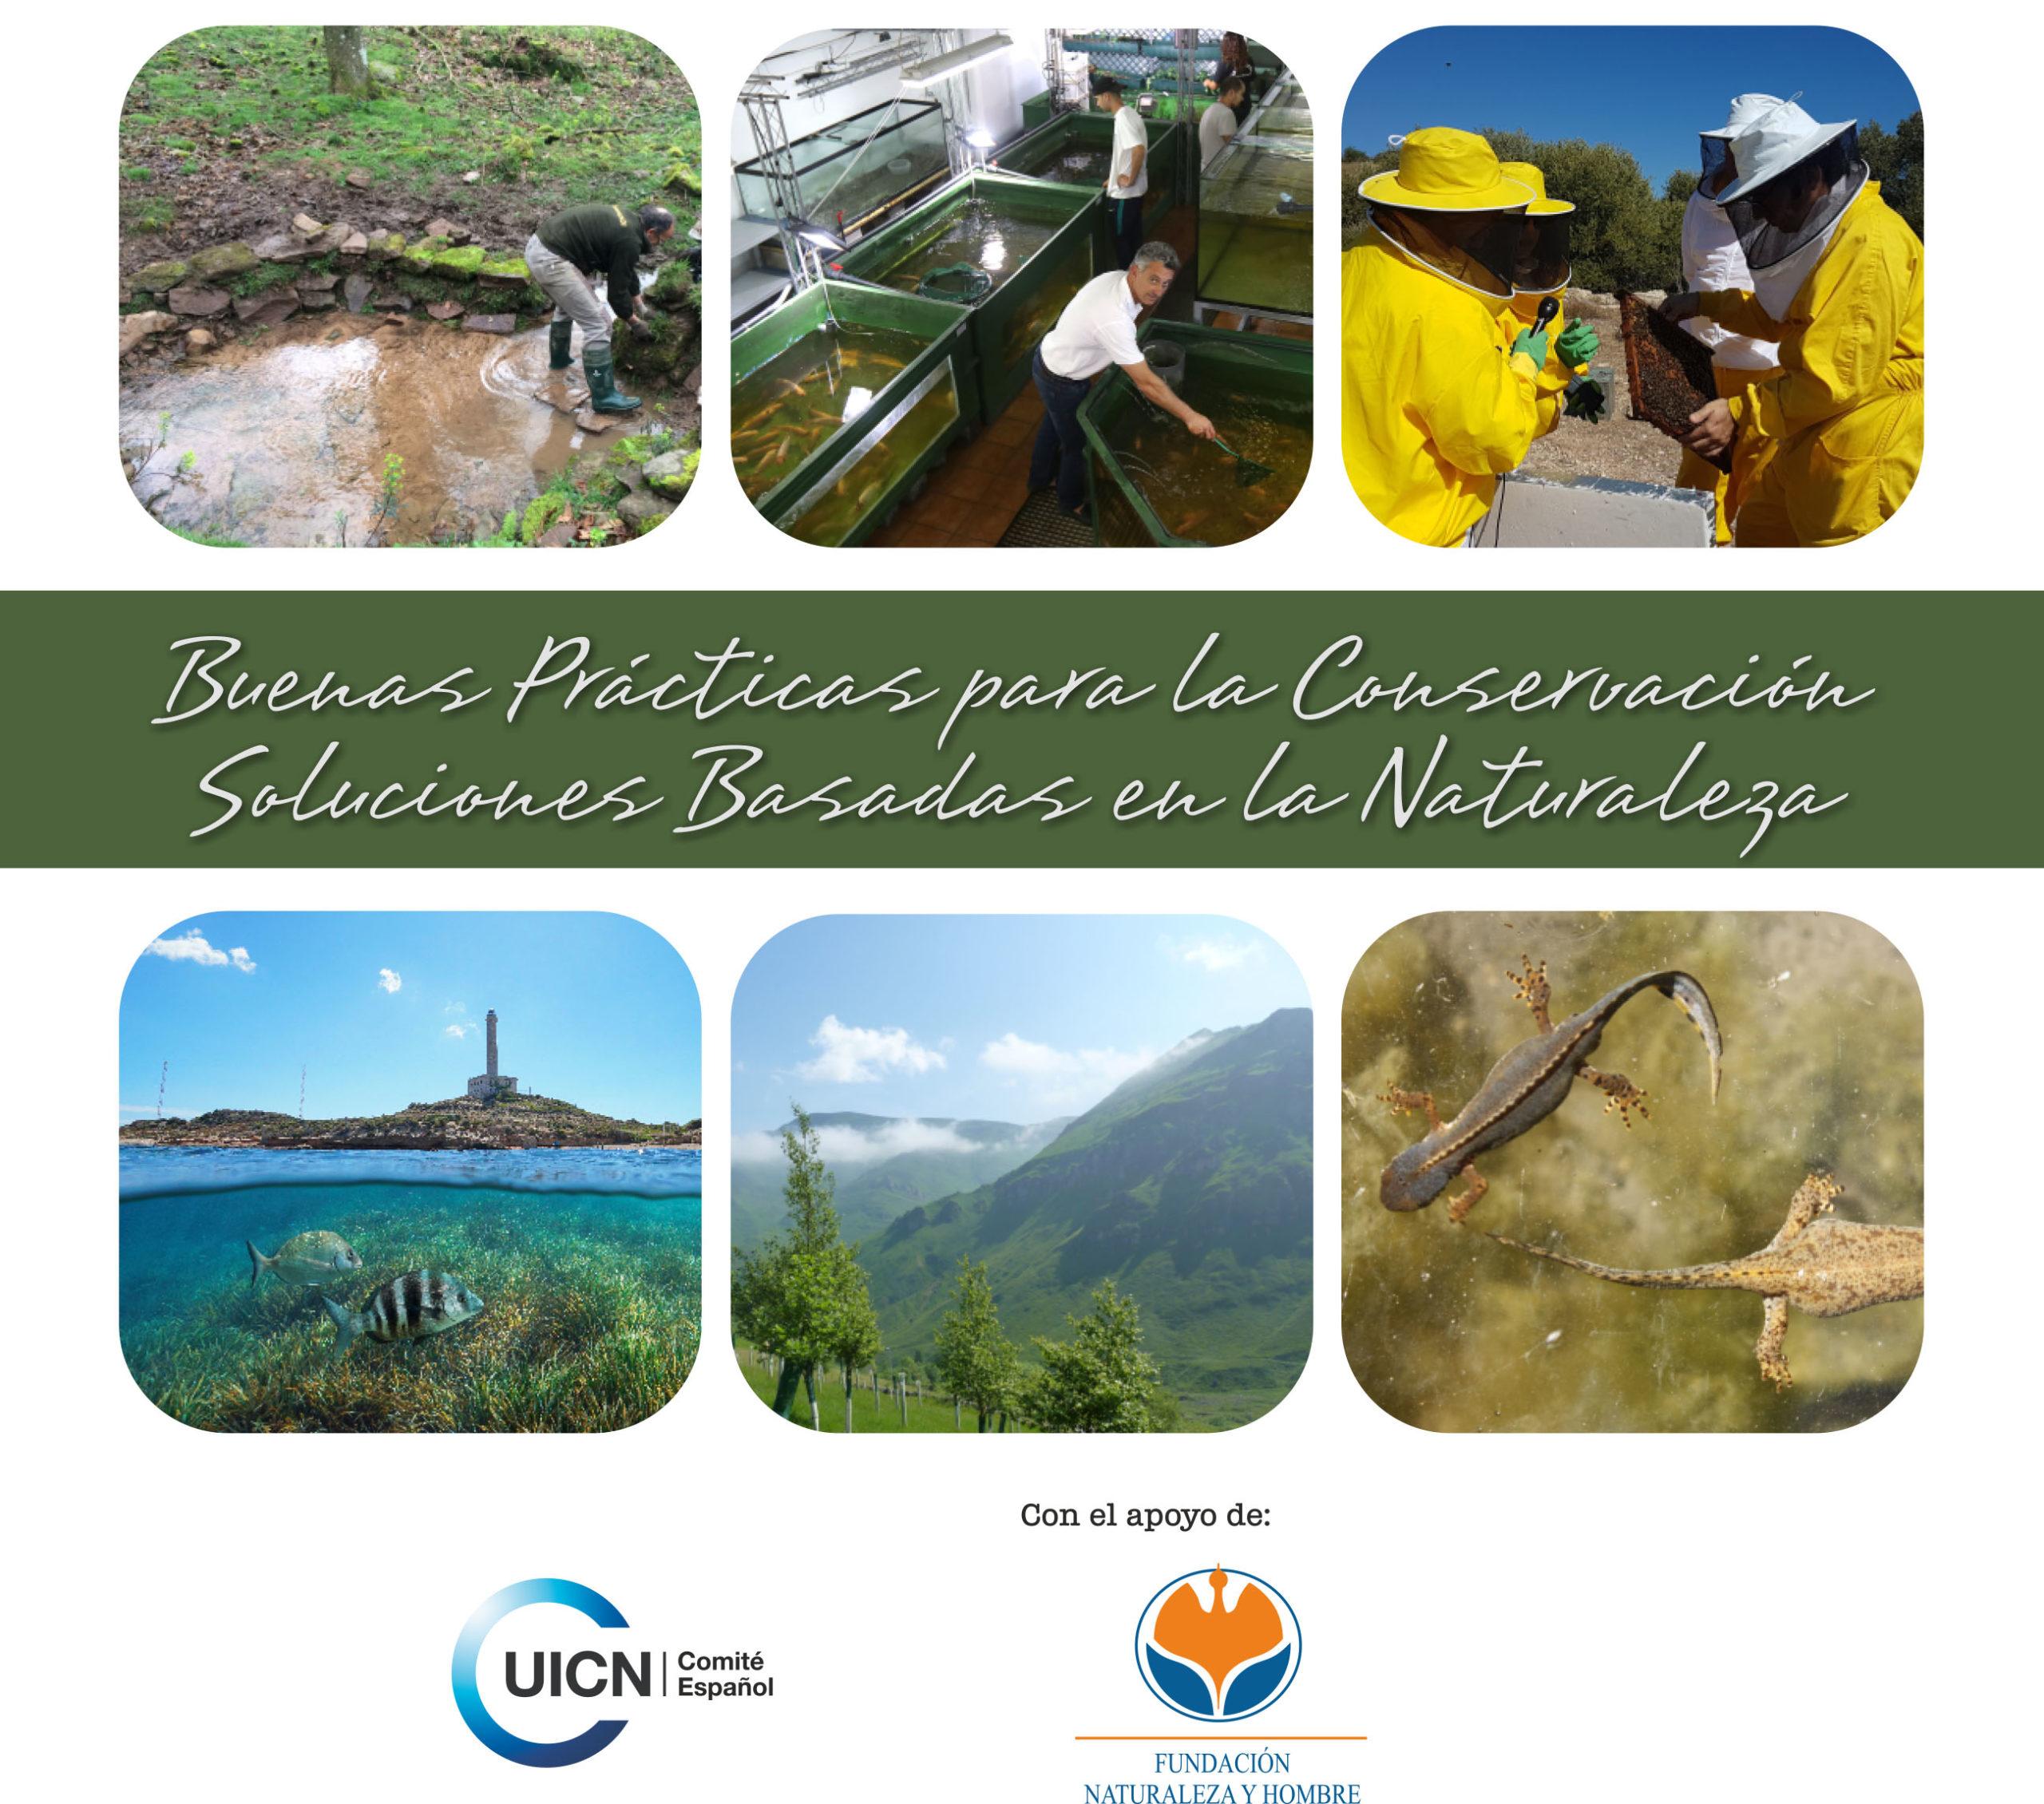 Buenas Prácticas para la Conservación. Soluciones Basadas en la Naturaleza.